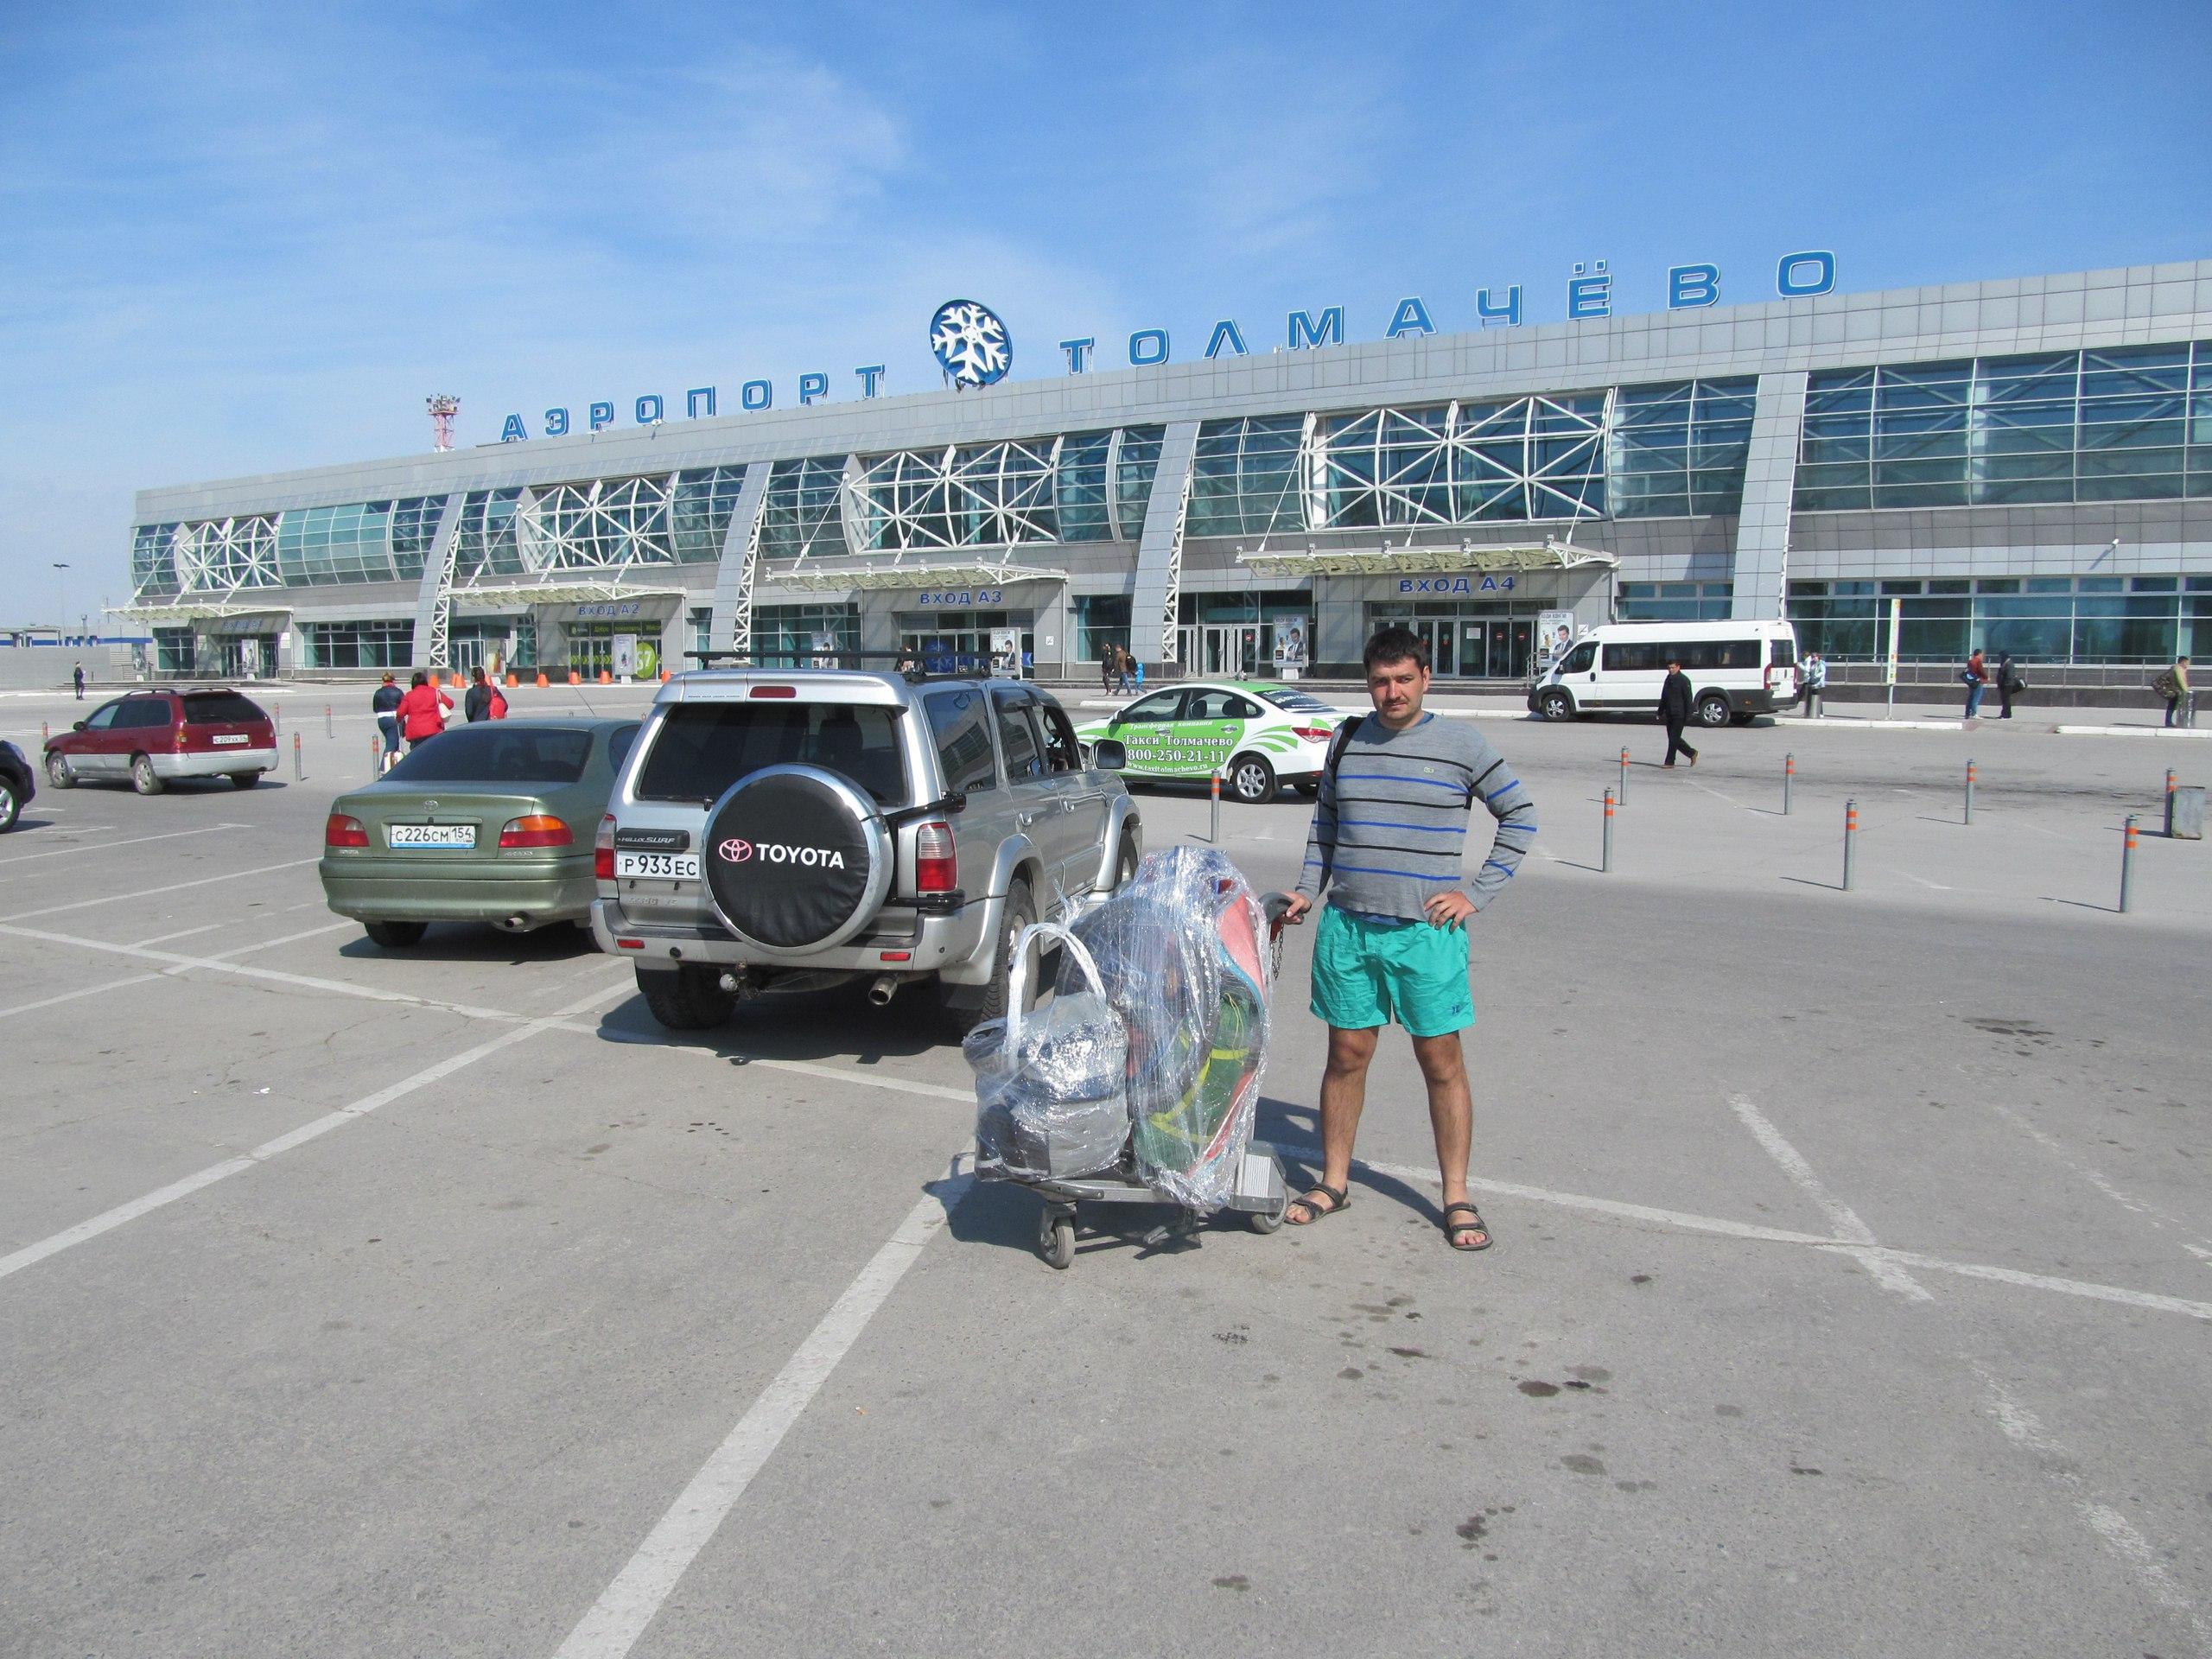 Михаил и раньше путешествовал с велосипедом. Часть пути преодолевал на самолёте: так быстрее